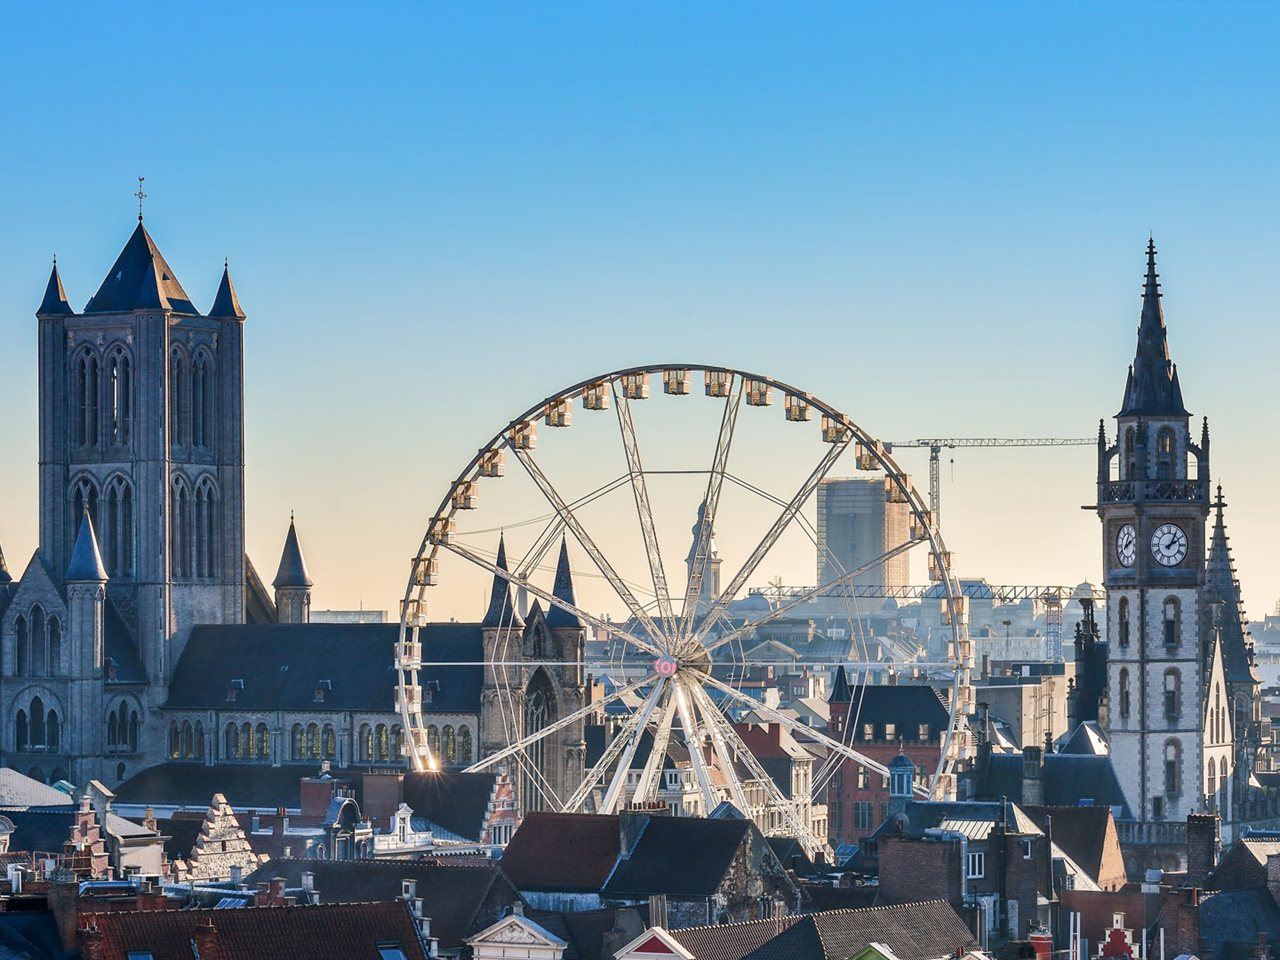 België, Antwerpen, Brugge, Gent, Brussel, Vlaanderen, , Kerstreizen, Stedentrips